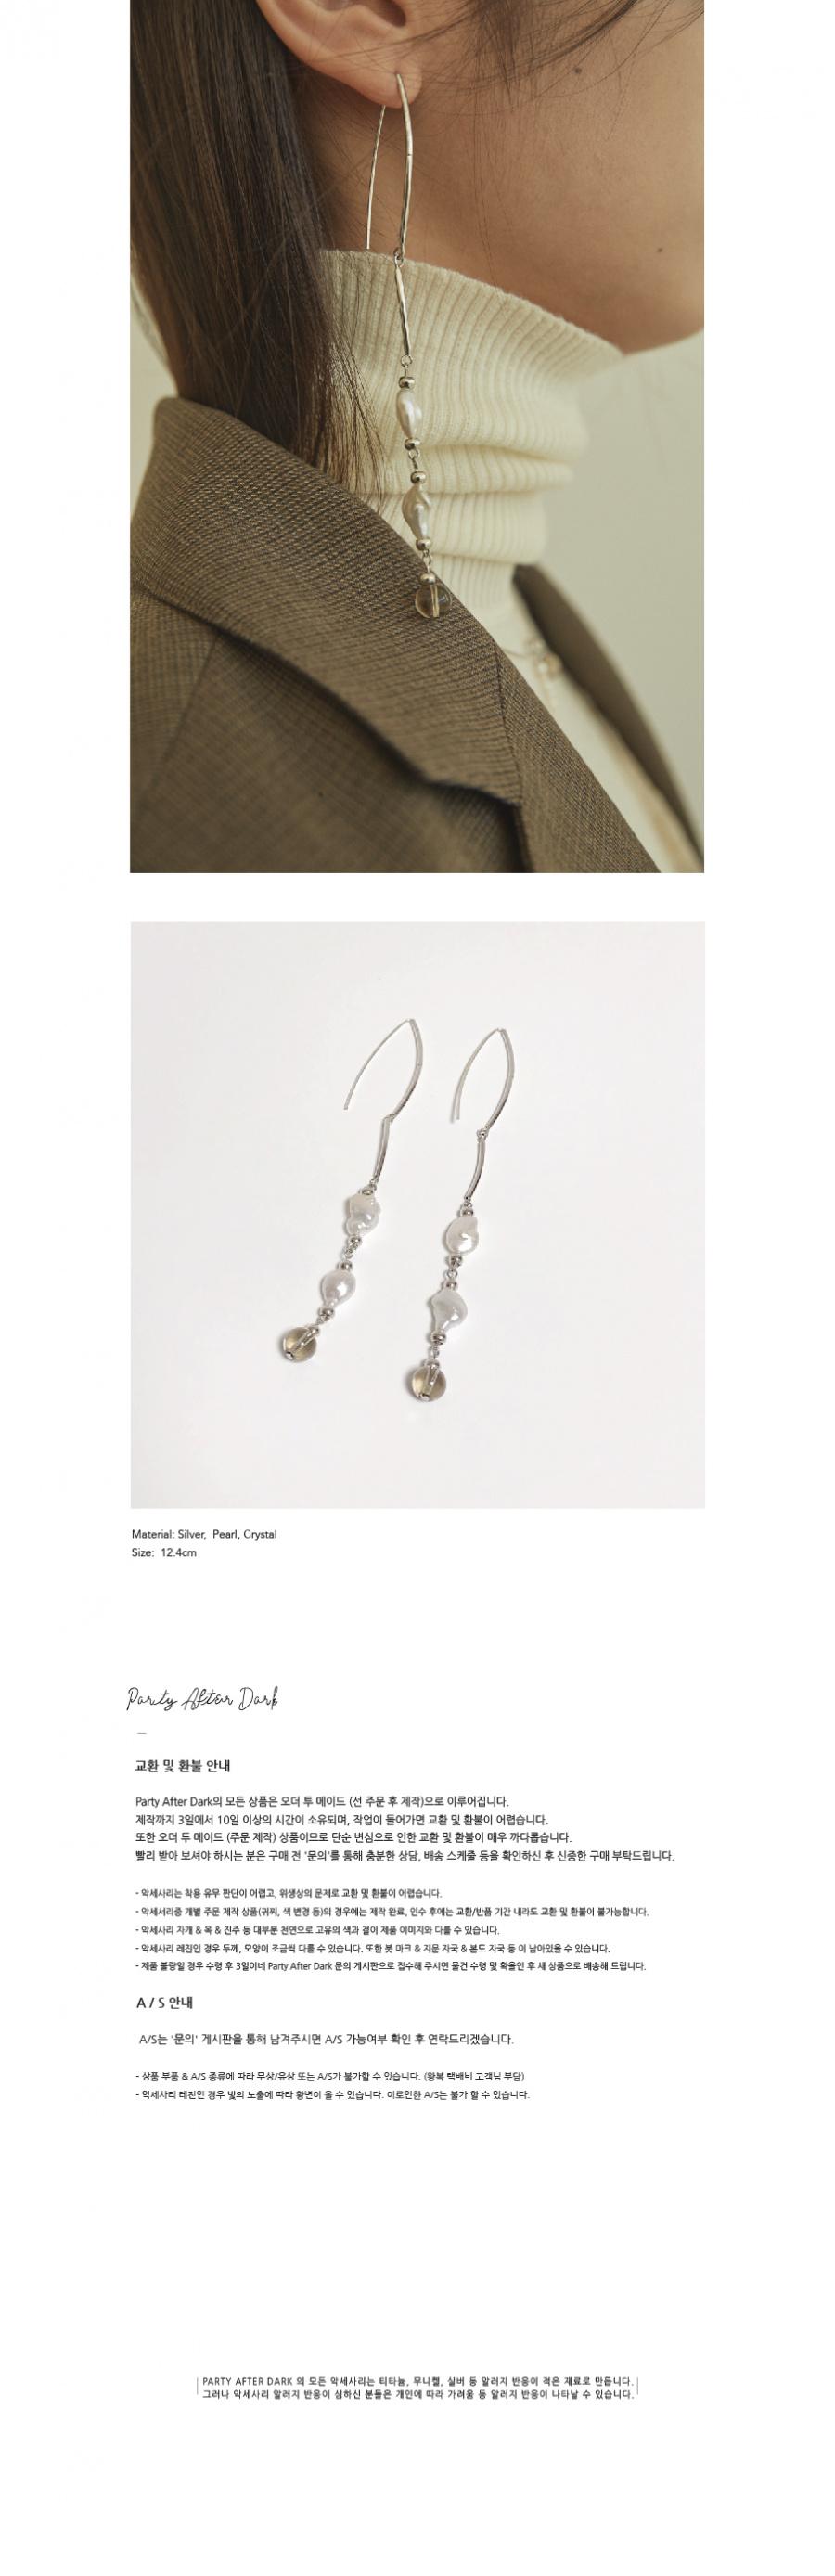 파티 에프터 다크(PARTY AFTER DARK) Pearl Drop Earring